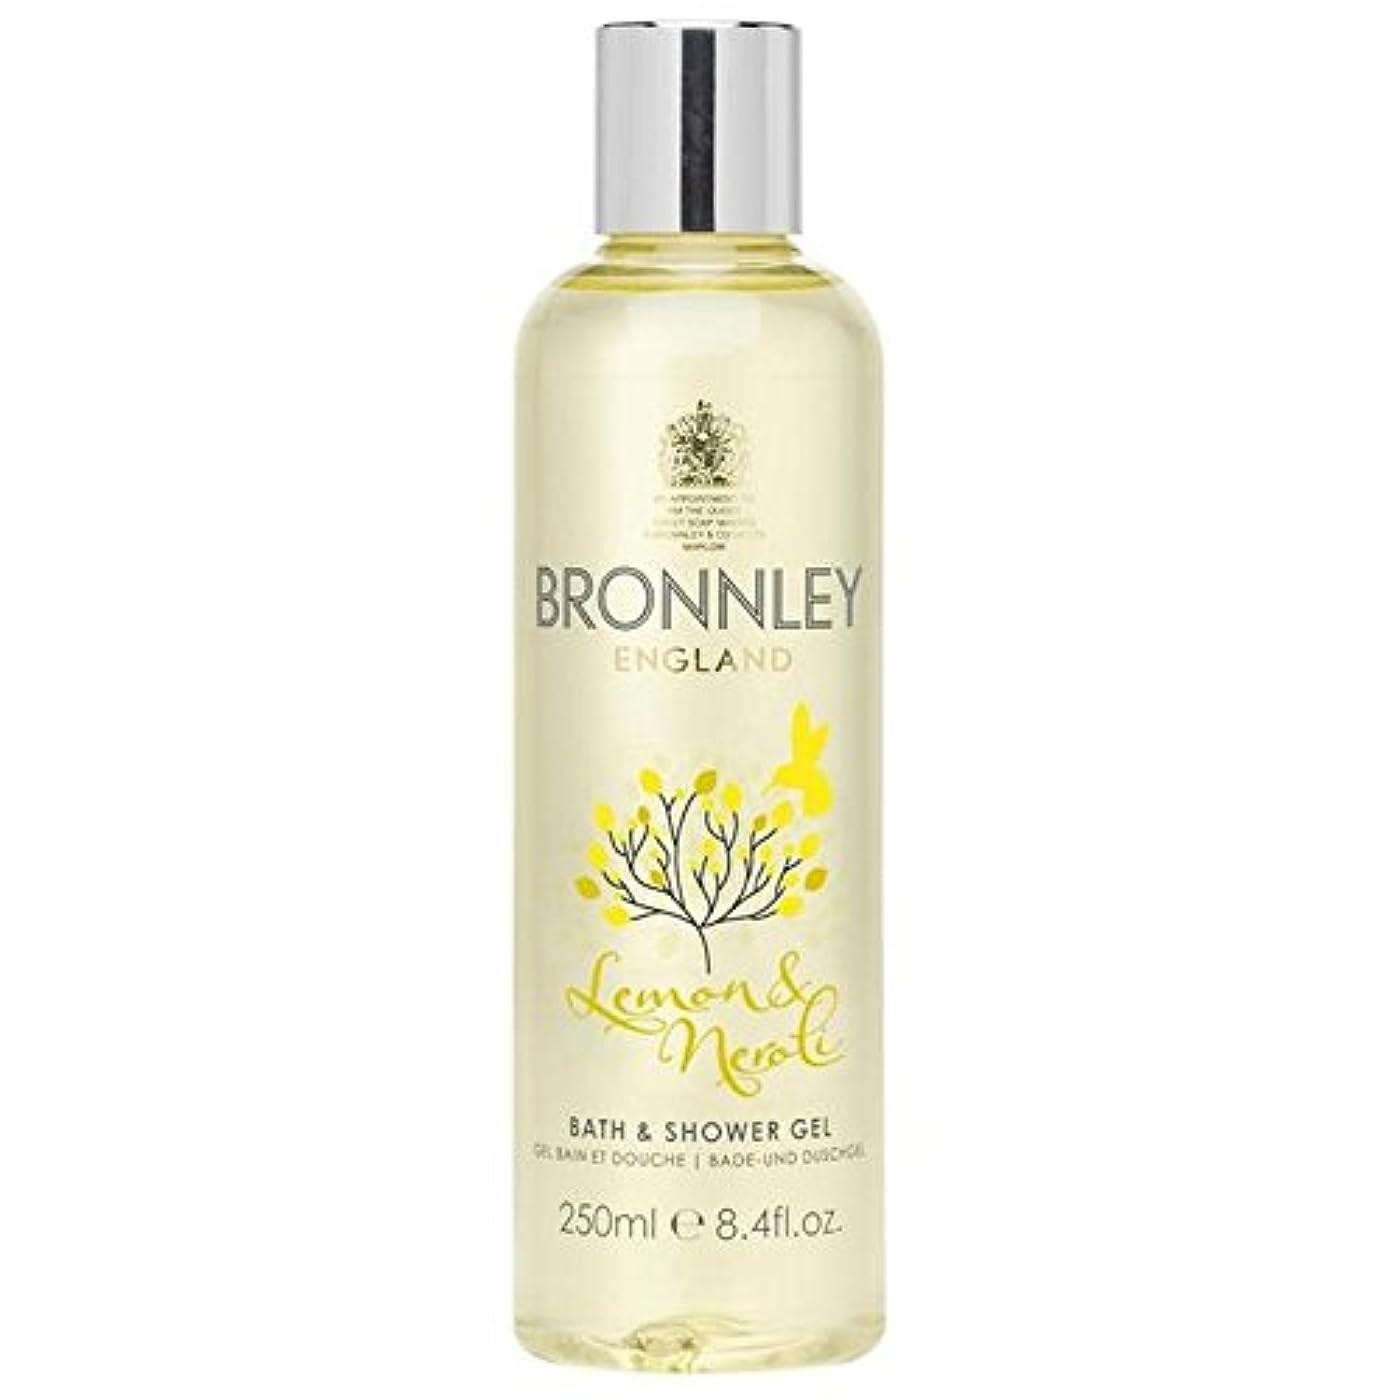 過度の逆に文芸レモン&ネロリバス&シャワージェル250ミリリットル x2 - Bronnley Lemon & Neroli Bath & Shower Gel 250ml (Pack of 2) [並行輸入品]